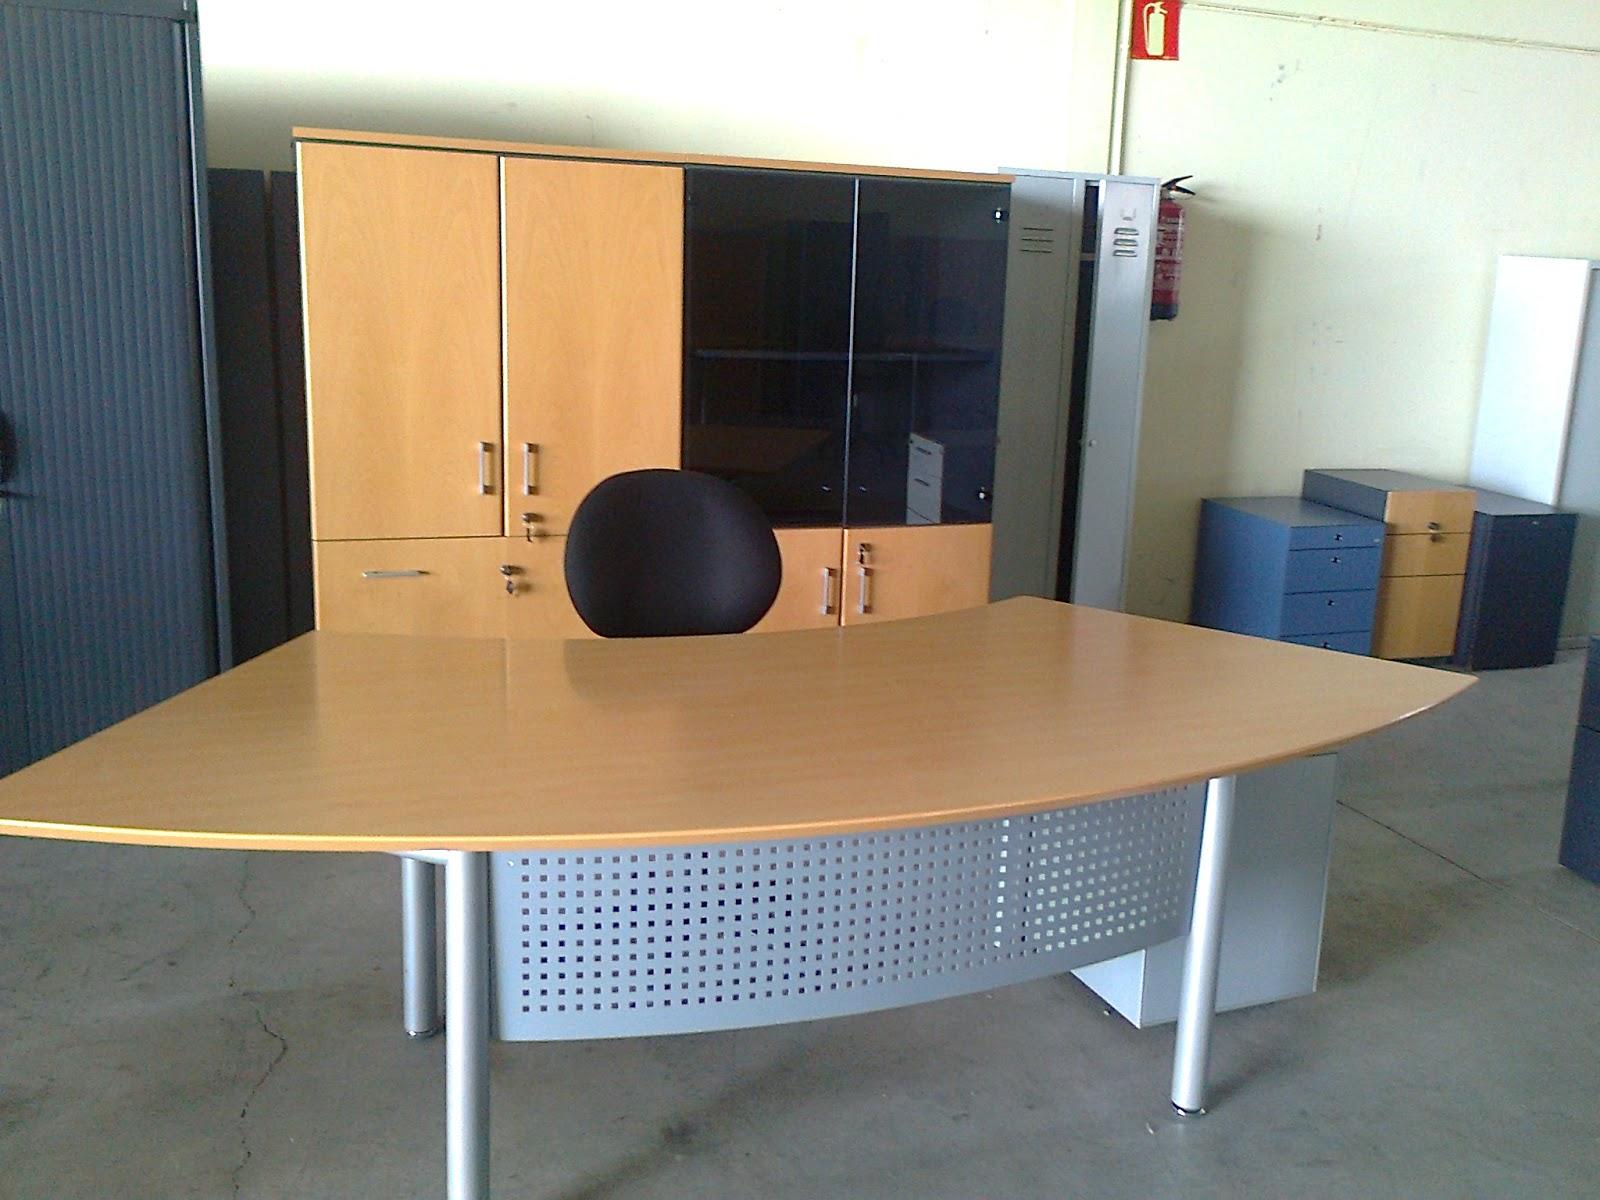 Estanter as met licas y muebles de oficina mobiliario de - Mobiliario oficina ocasion ...